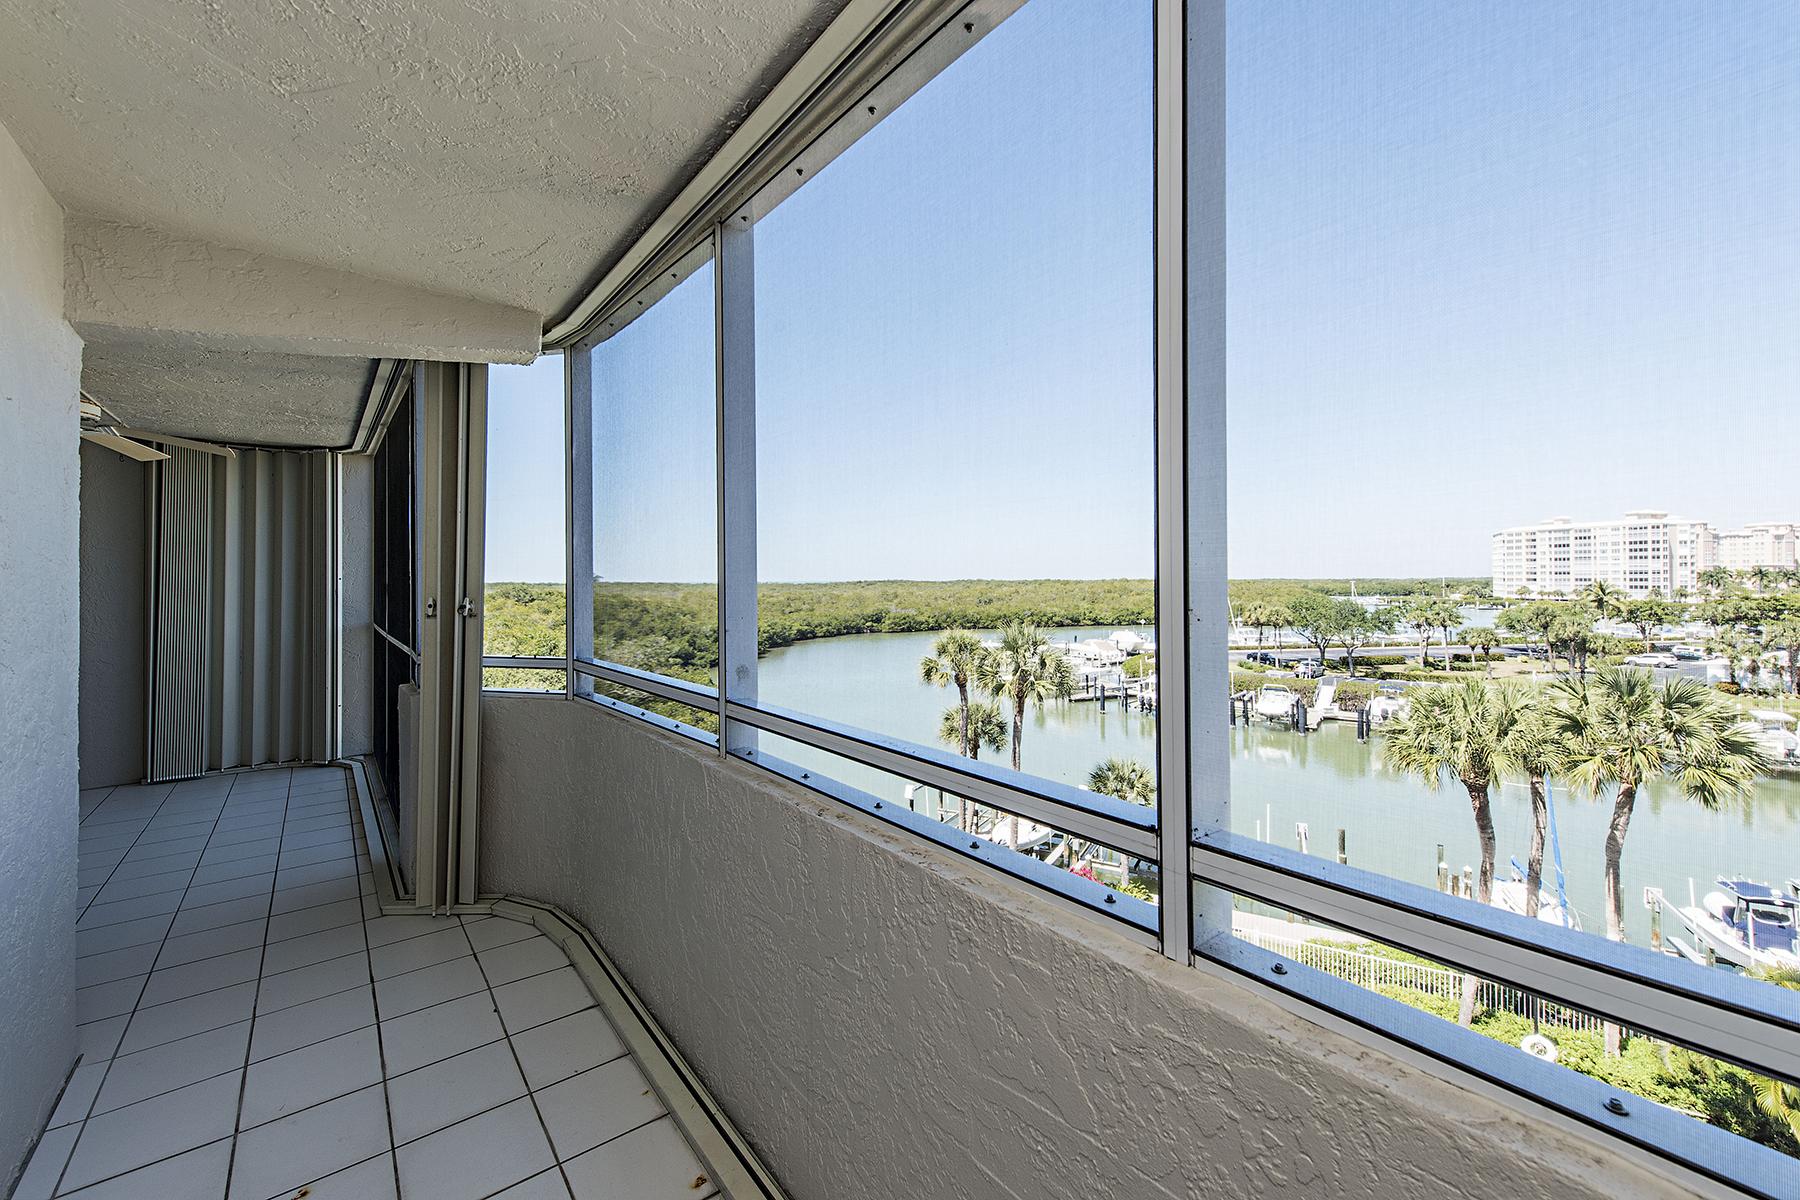 共管式独立产权公寓 为 销售 在 VANDERBILT BEACH - ANCHORAGE AT VANDERBILT 12945 Vanderbilt Dr 504 那不勒斯, 佛罗里达州, 34110 美国